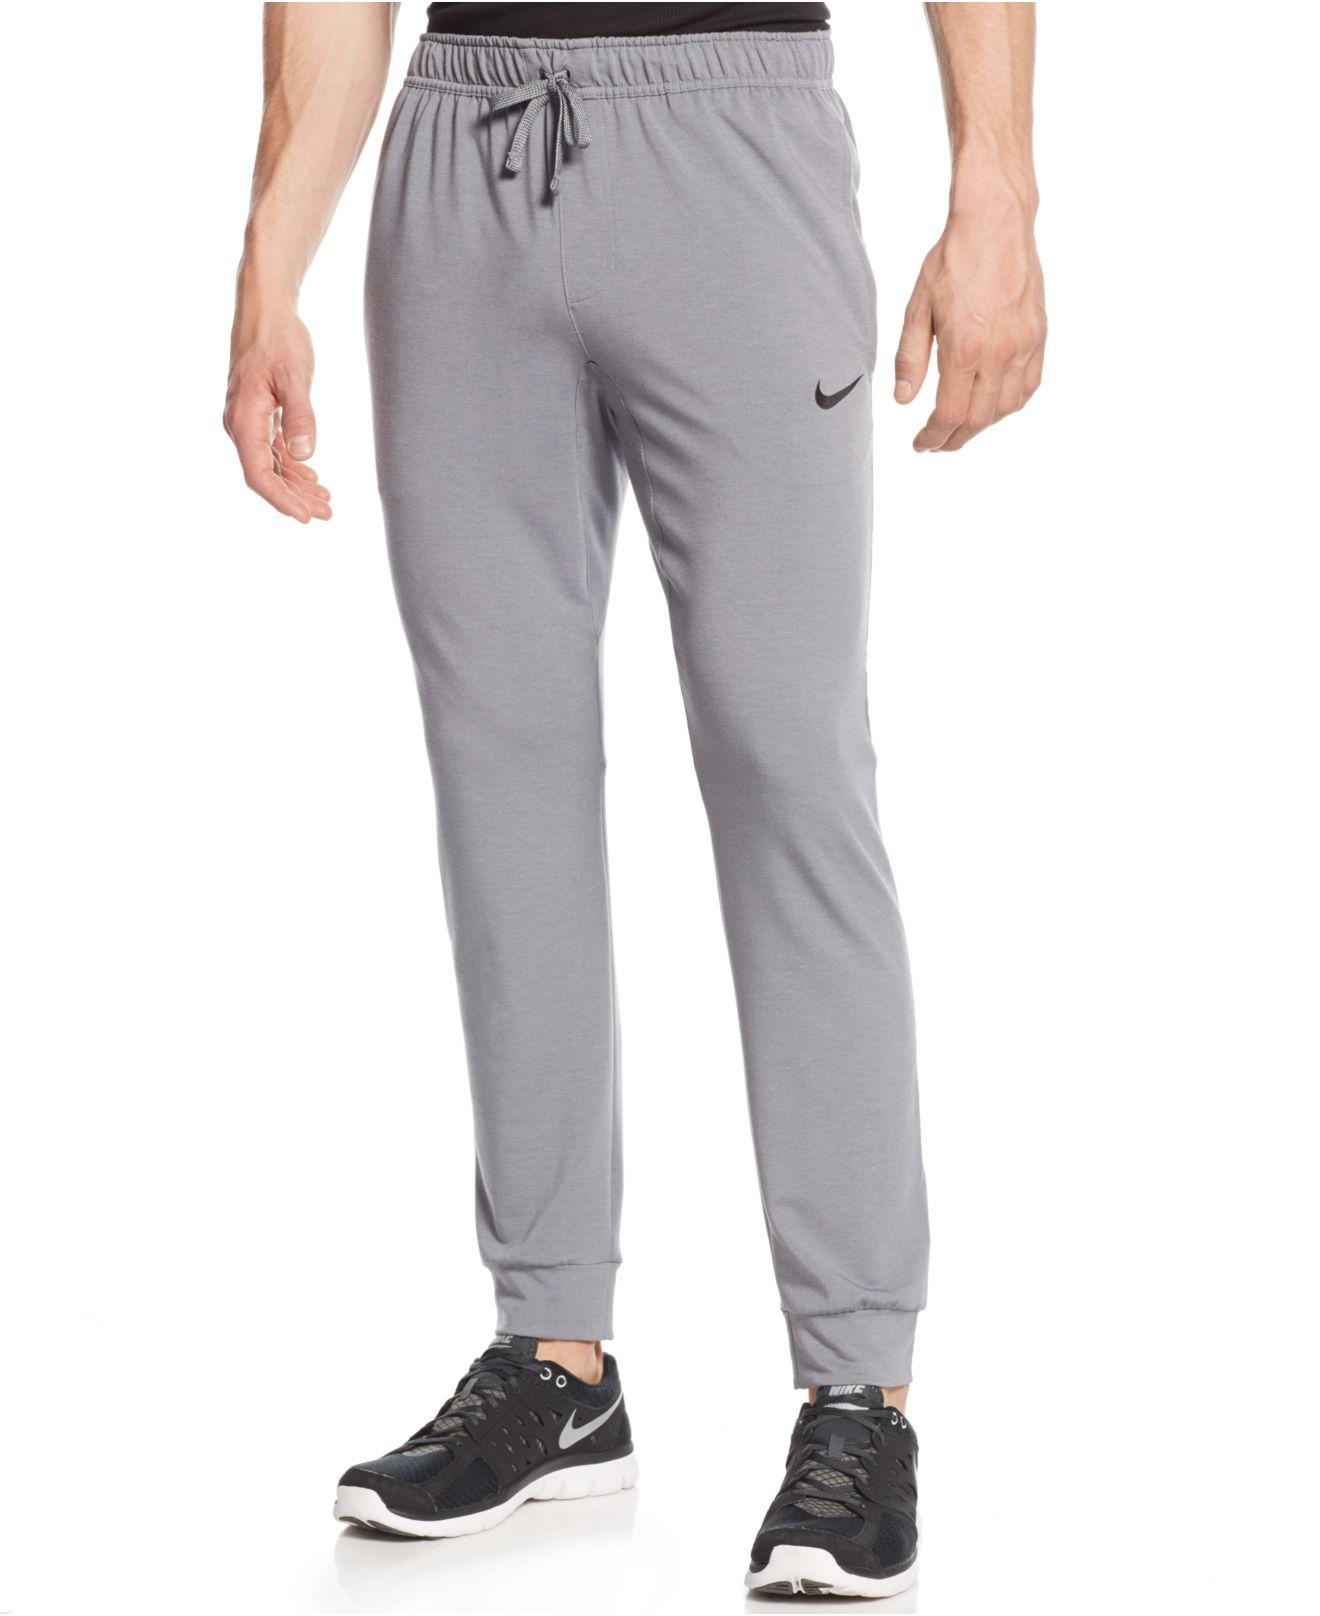 Nike Toucher Dri-fit Pantalon De Formation Des Hommes Polaire Femmes faux en ligne mwV8c